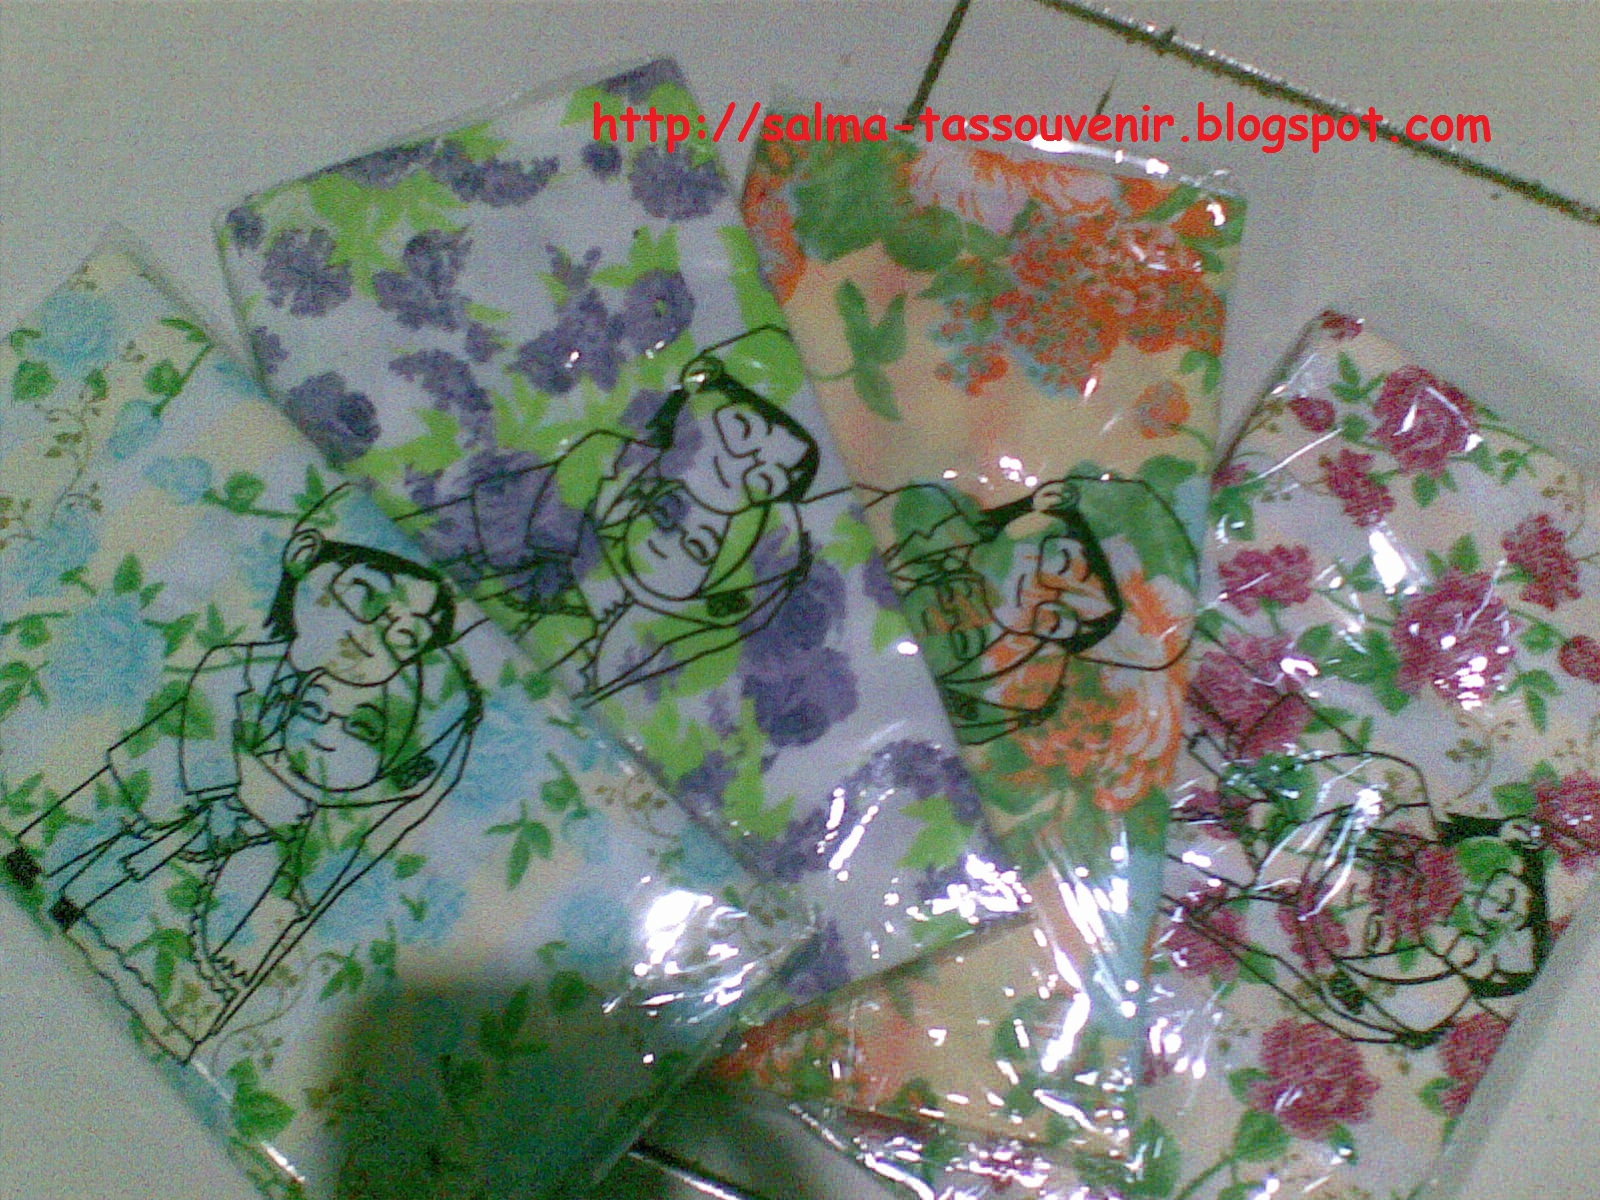 http://4.bp.blogspot.com/-1DjrmArzIqU/UBxLPjrUuhI/AAAAAAAAAeg/PvkoSXx9ADE/s1600/tas+souvenir+pernikahan+1.jpg